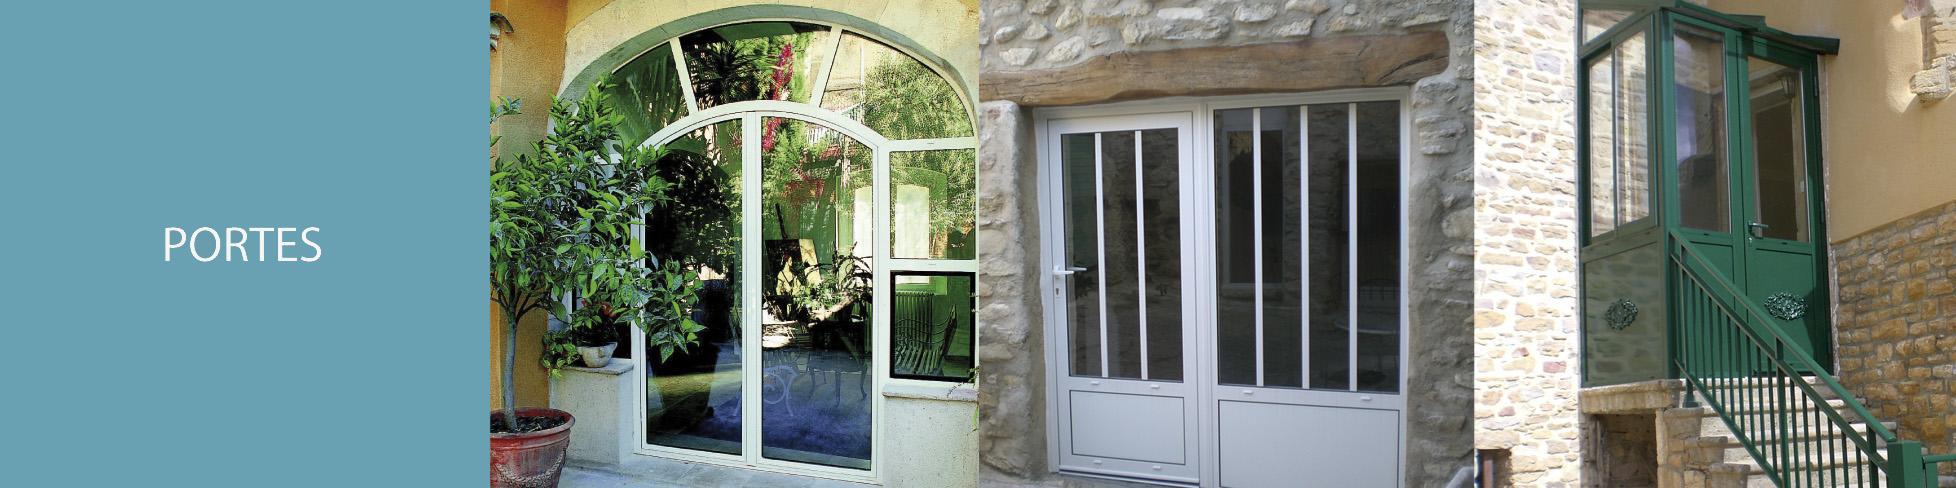 Porte entree appartement isolation phonique photos de for Isolation phonique fenetre bois